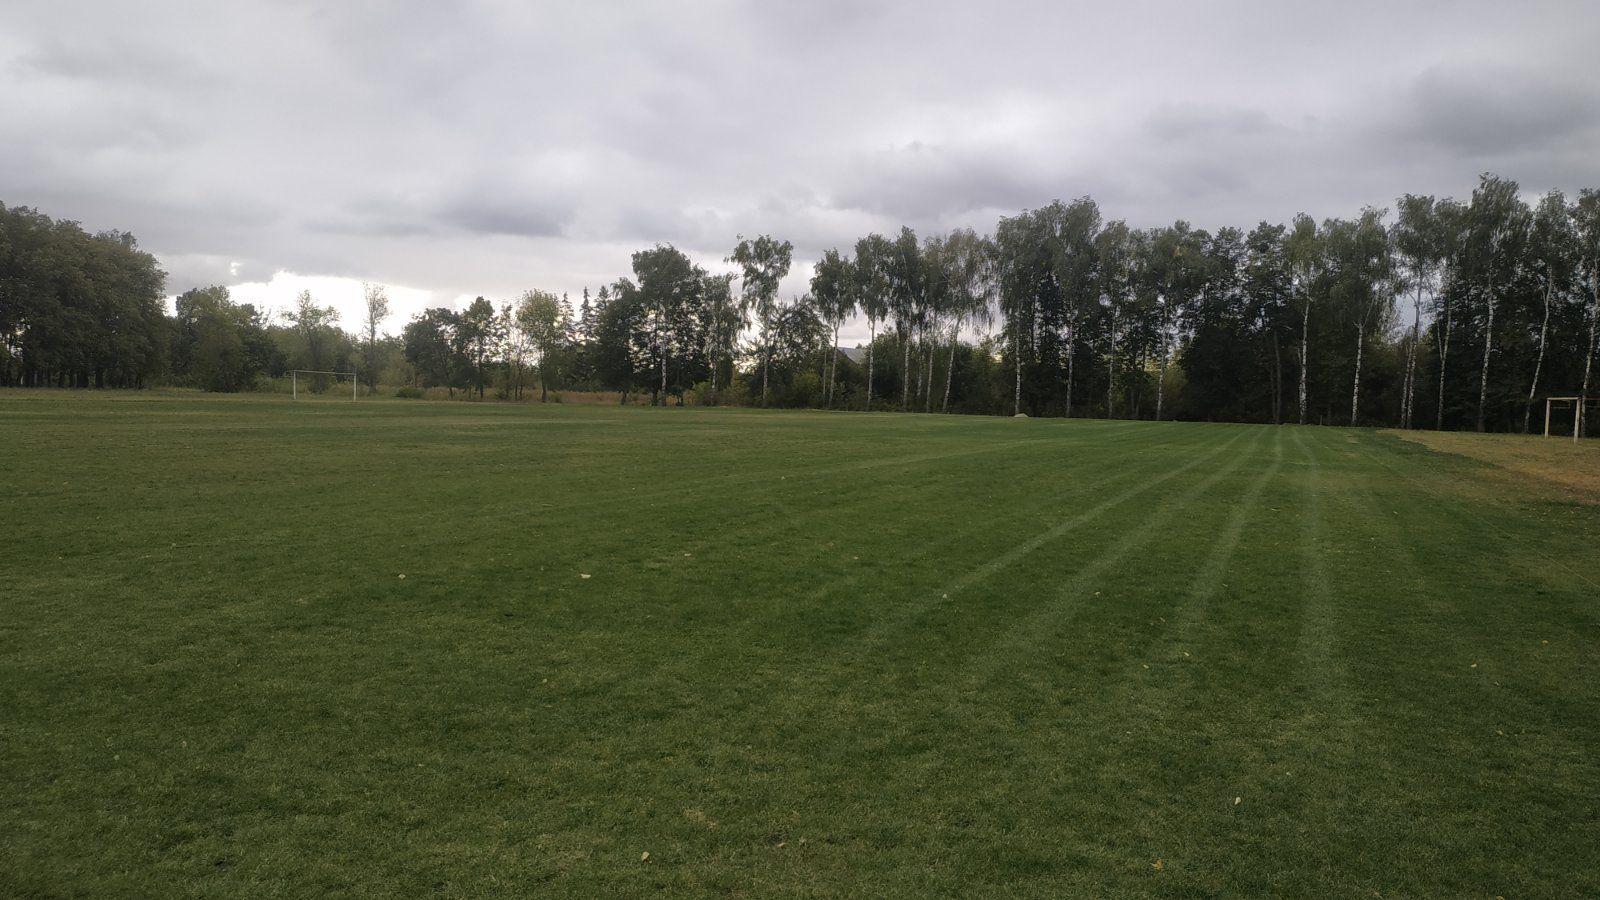 Община в Полтавской области имеет прекрасный стадион